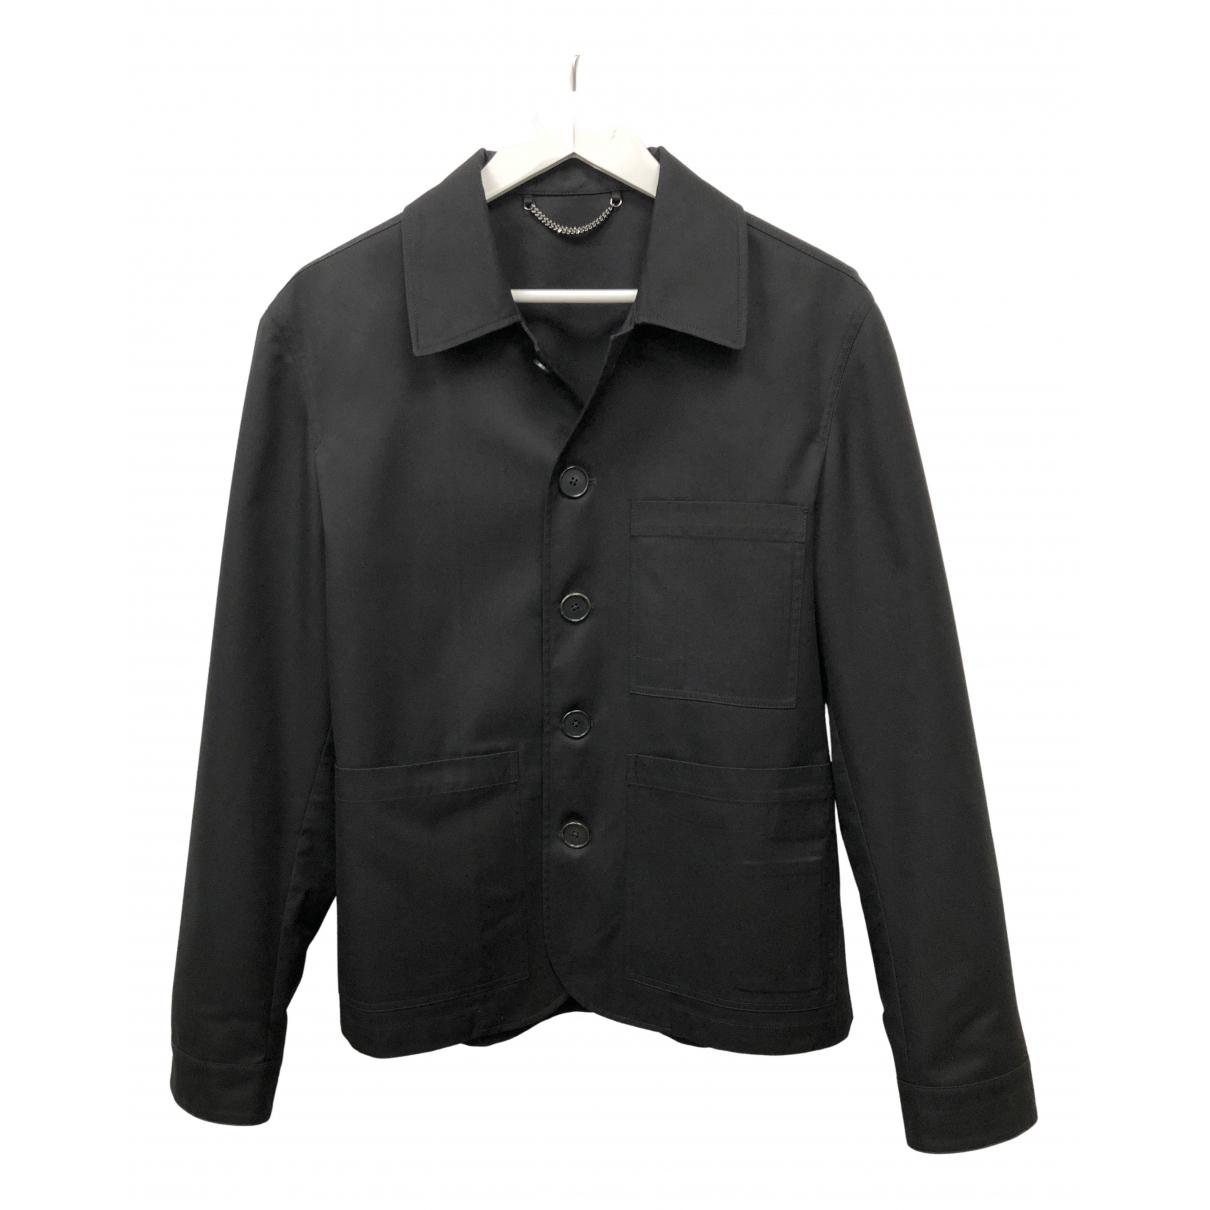 Gieves & Hawkes - Vestes.Blousons   pour homme en coton - noir